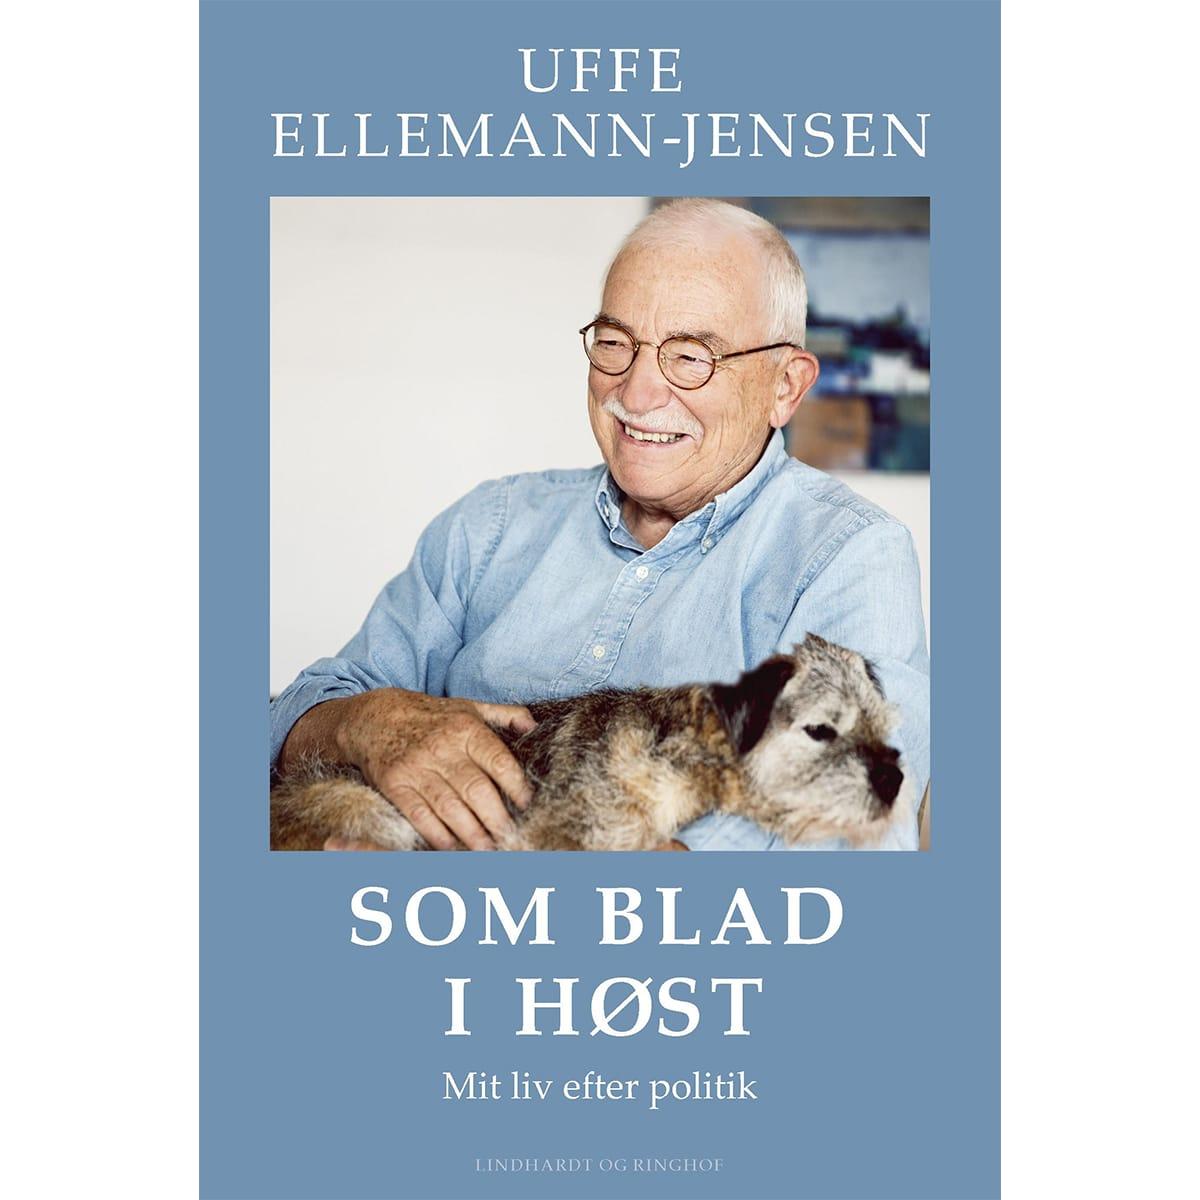 Af Uffe Ellemann-Jensen